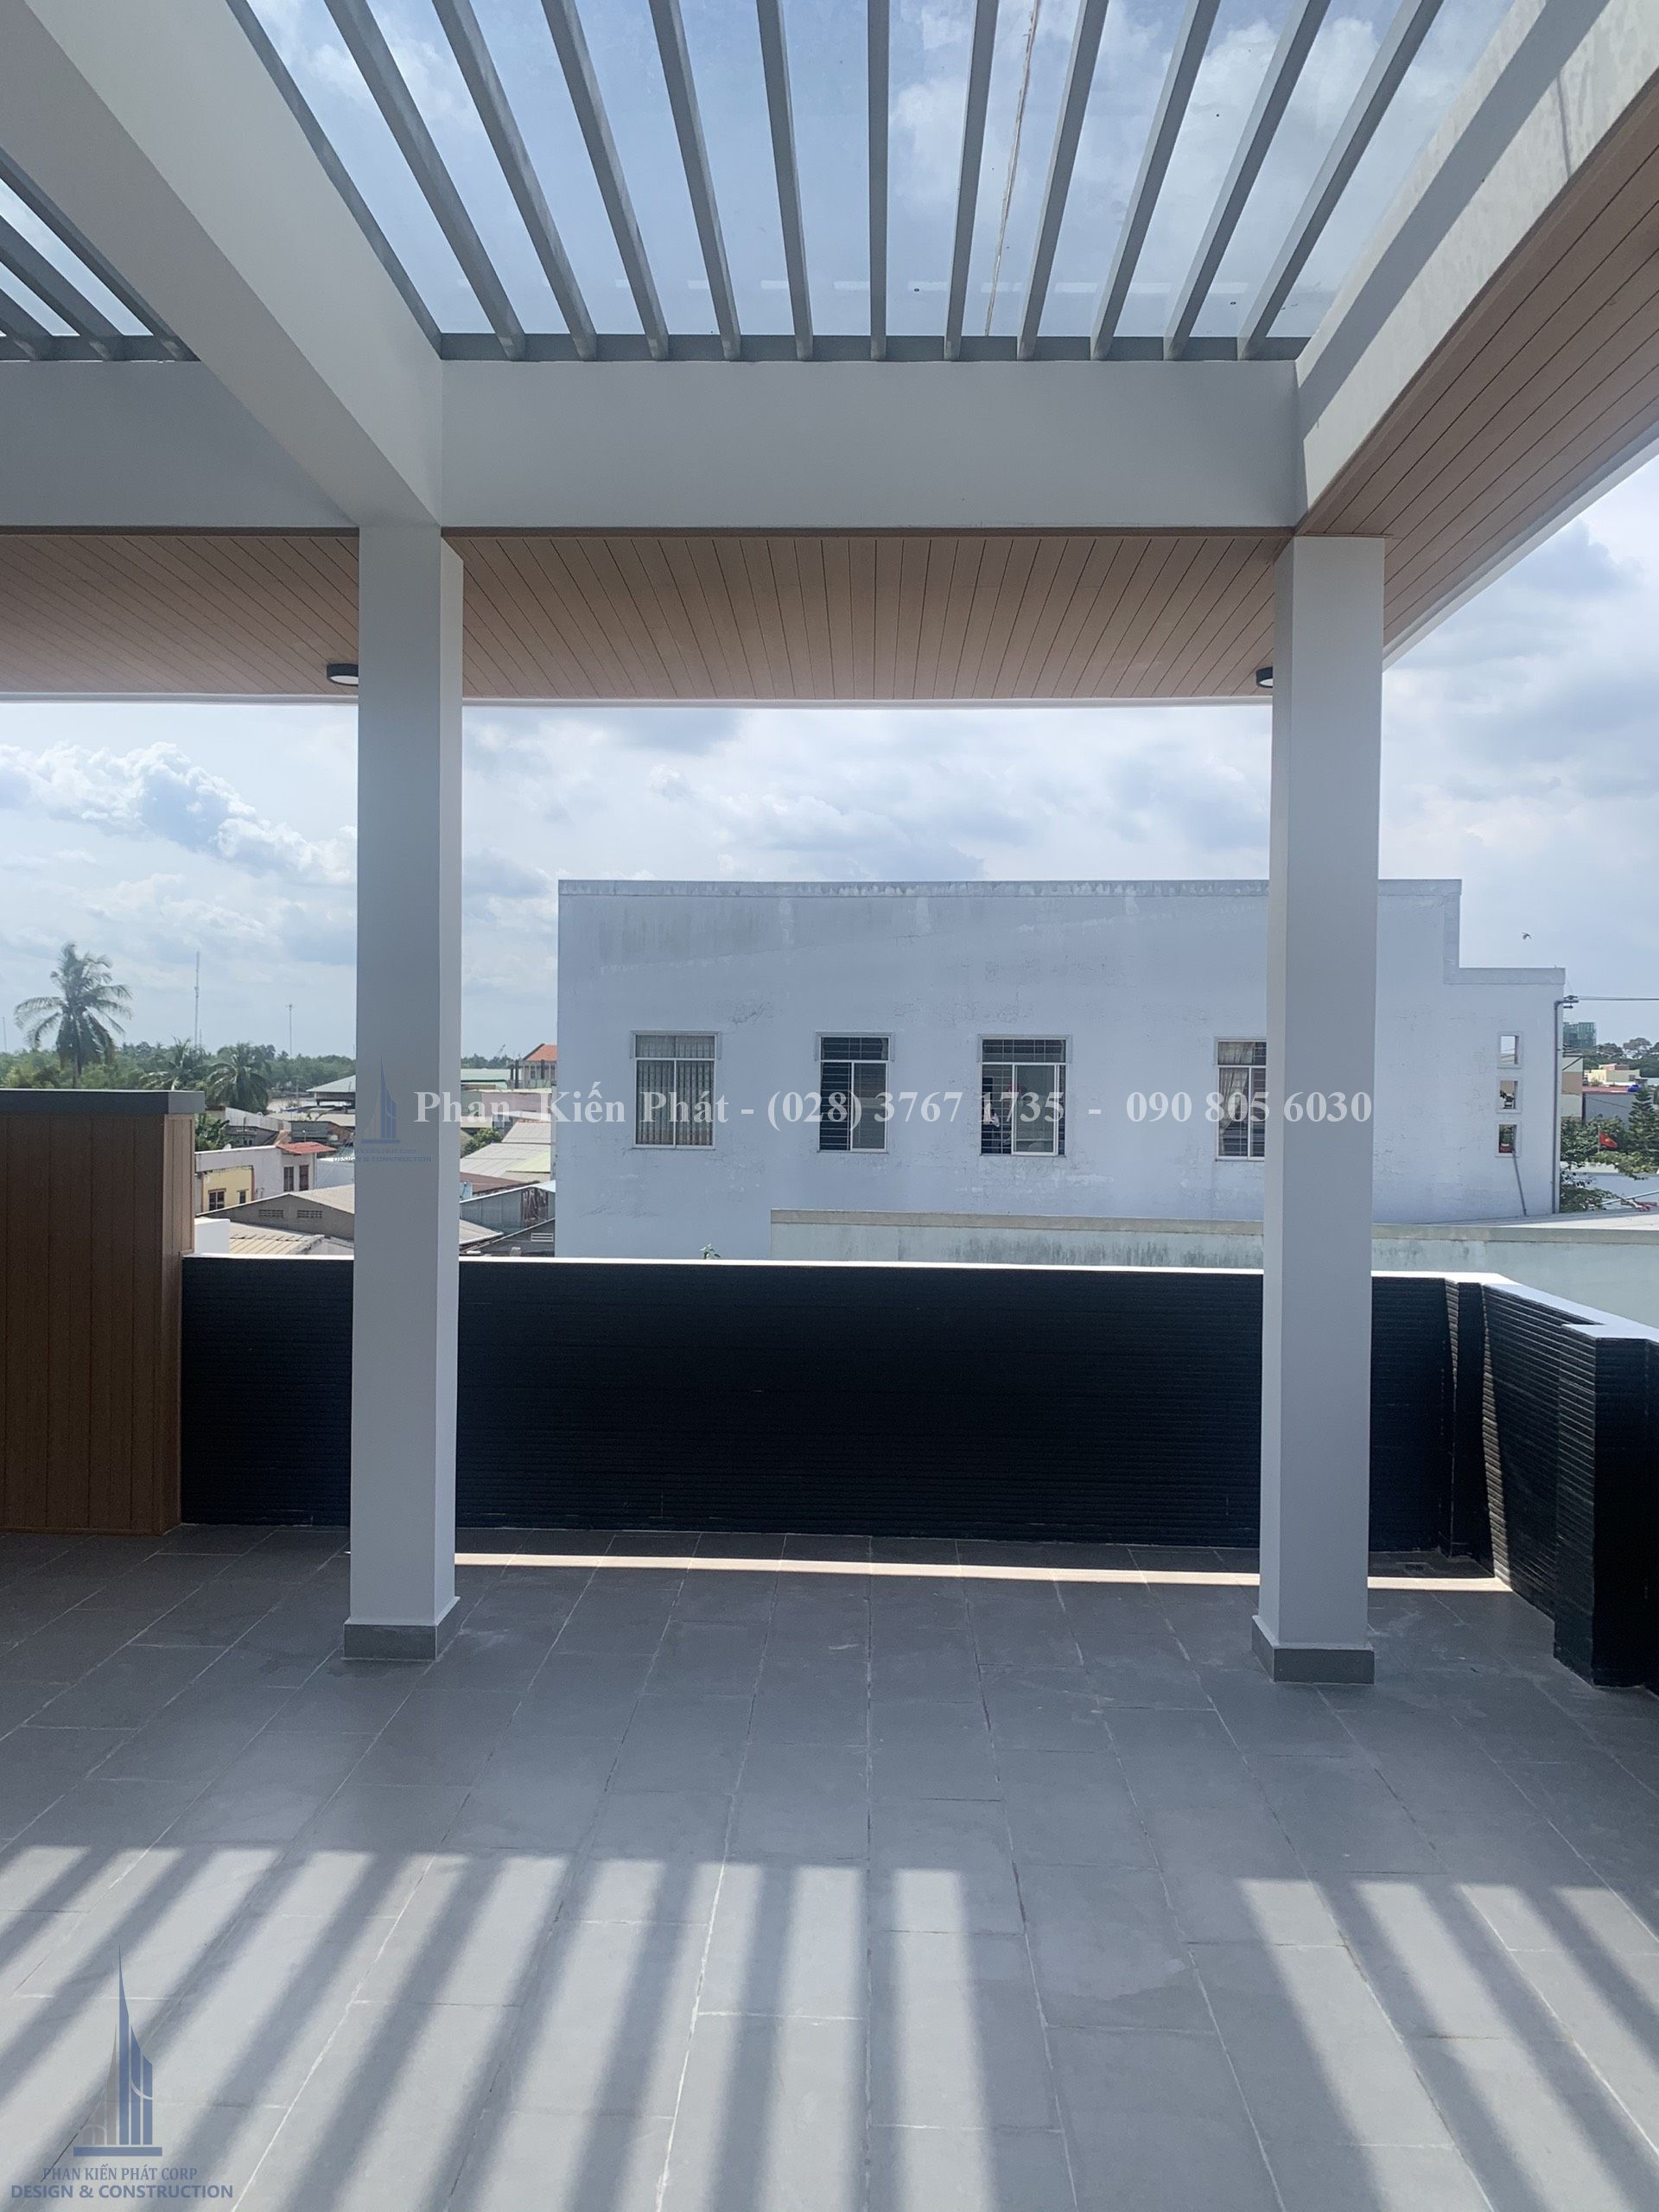 Thi công biệt thự trọn gói sân vườn 3 tầng phong cách hiện đại tại Bến Tre